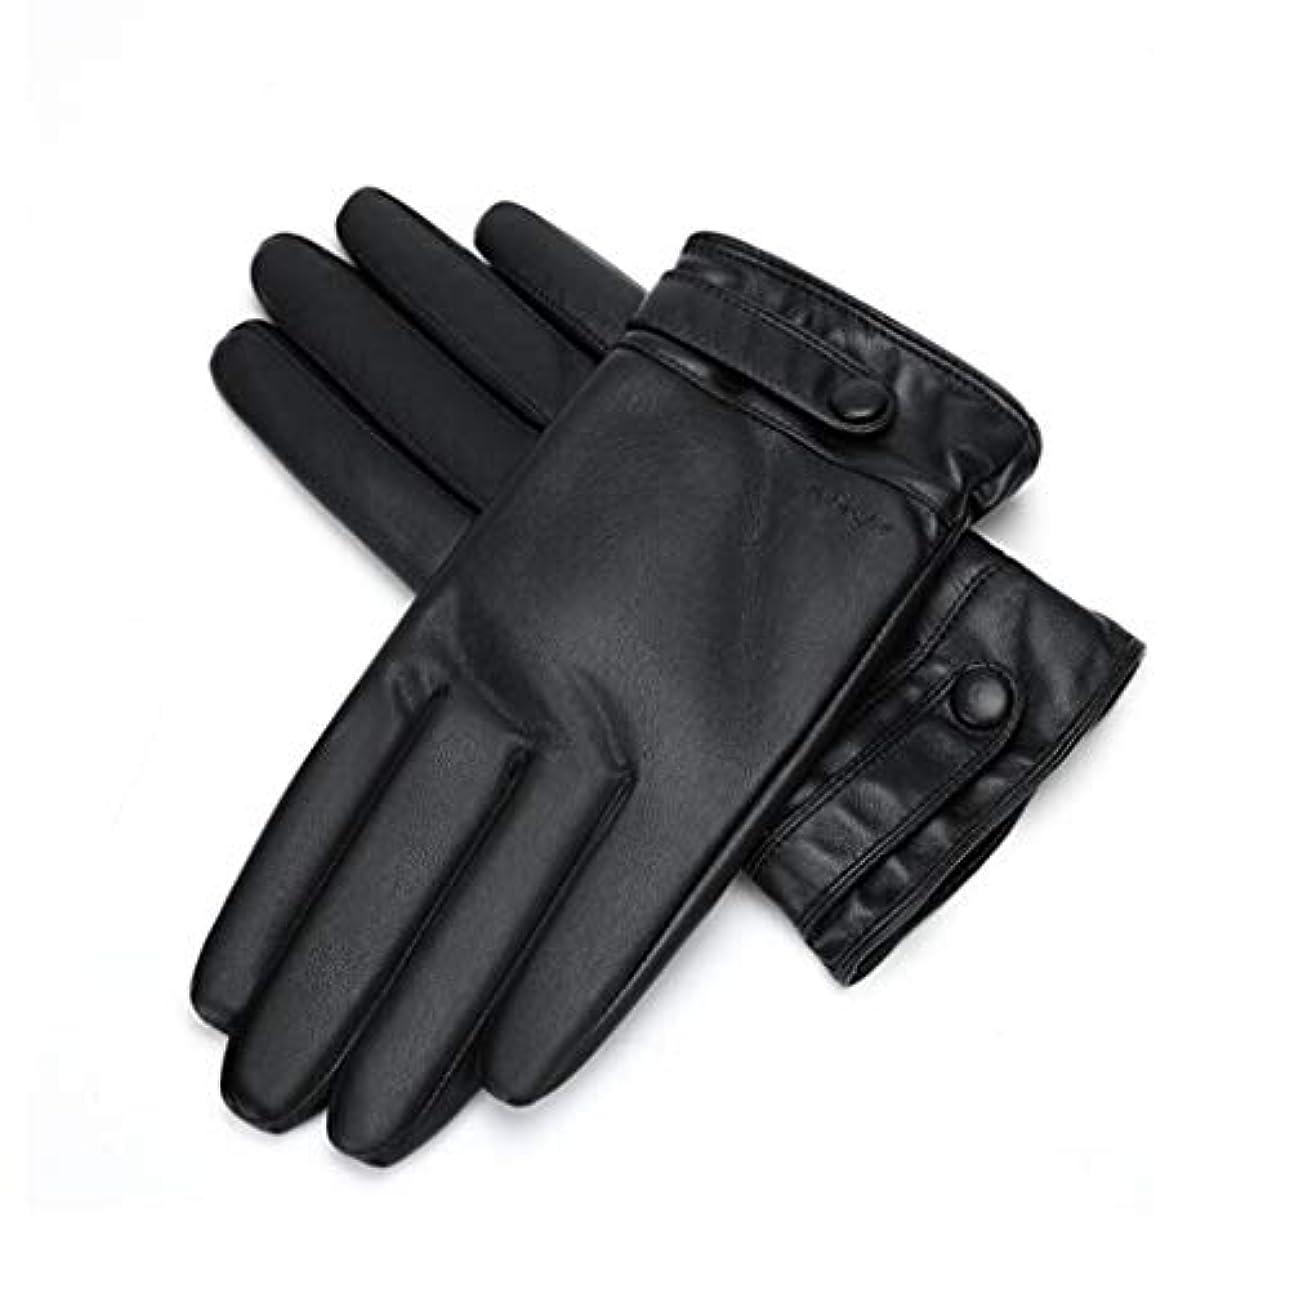 財布洞窟撃退する暖かい秋と冬を保つためにメンズ革手袋のタッチスクリーンメンズ自転車厚いぬいぐるみ手袋 (サイズ さいず : L21*8.9cm)